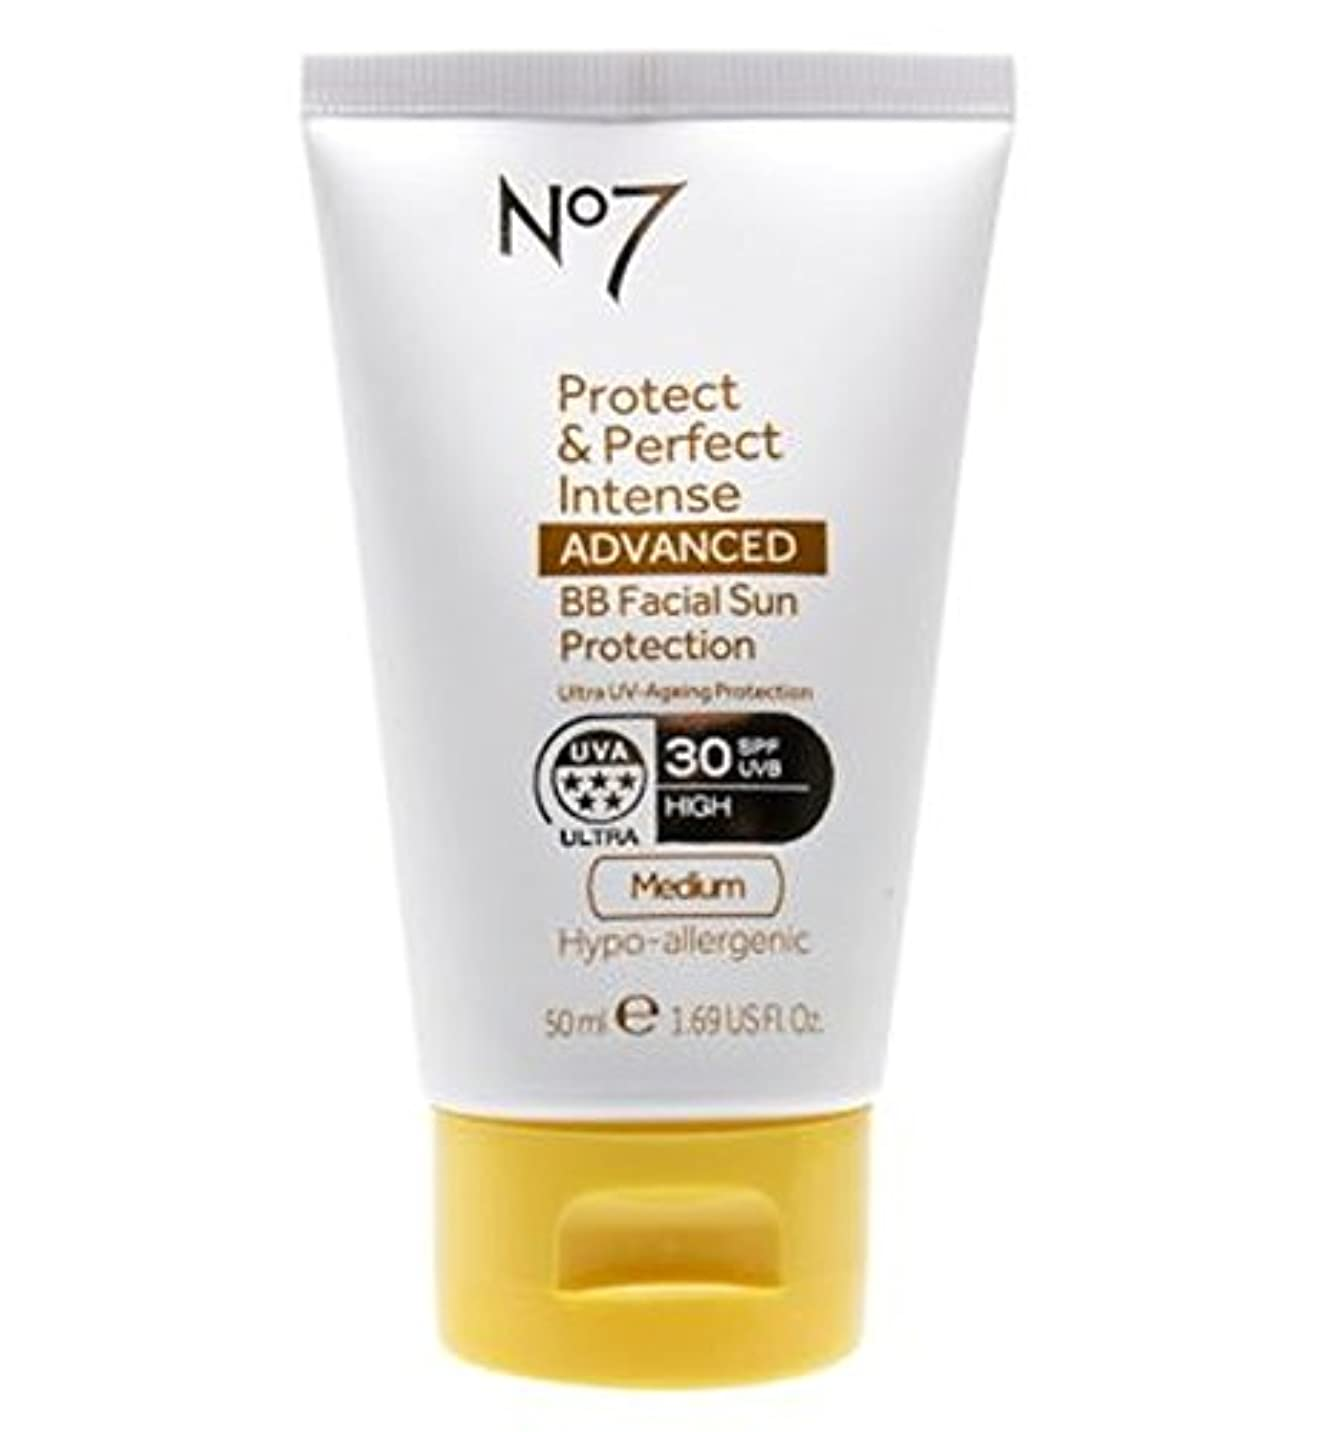 承知しました時計回りの間でNo7保護&完璧な強烈な先進Bb顔の日焼け防止Spf30培地50ミリリットル (No7) (x2) - No7 Protect & Perfect Intense ADVANCED BB Facial Sun Protection SPF30 Medium 50ml (Pack of 2) [並行輸入品]